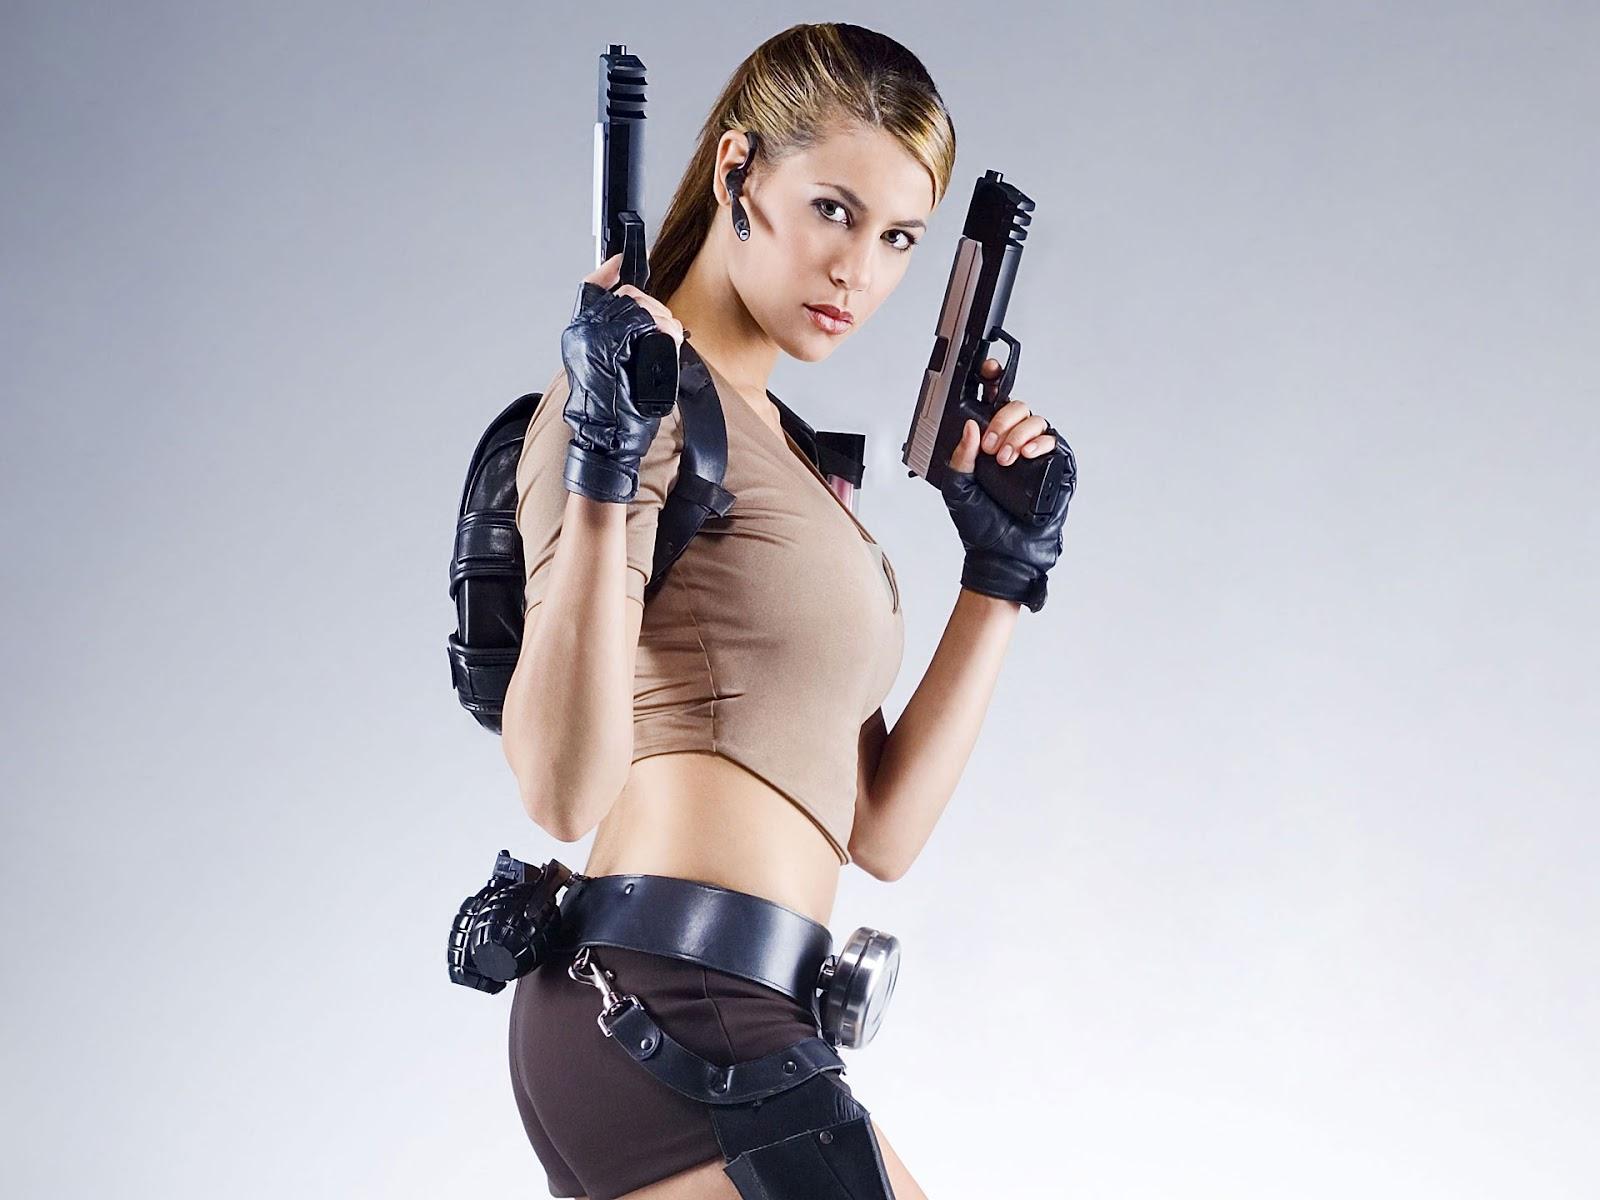 תוצאת תמונה עבור gun girl